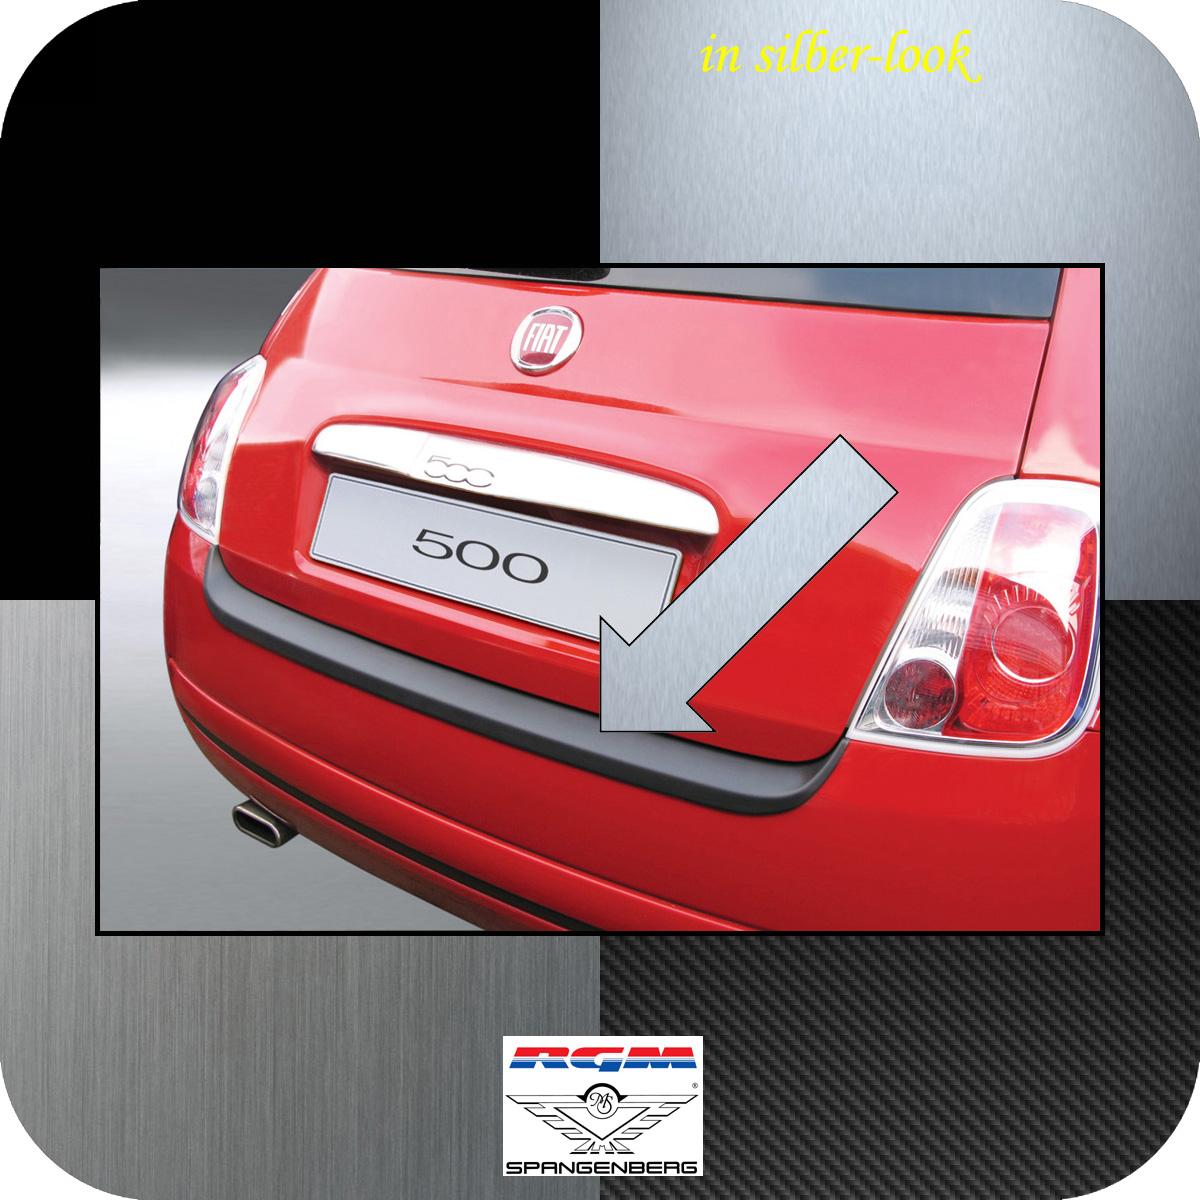 Ladekantenschutz Silber-Look Fiat 500 auch Cabrio vor Mopf 2007-2015 3506135